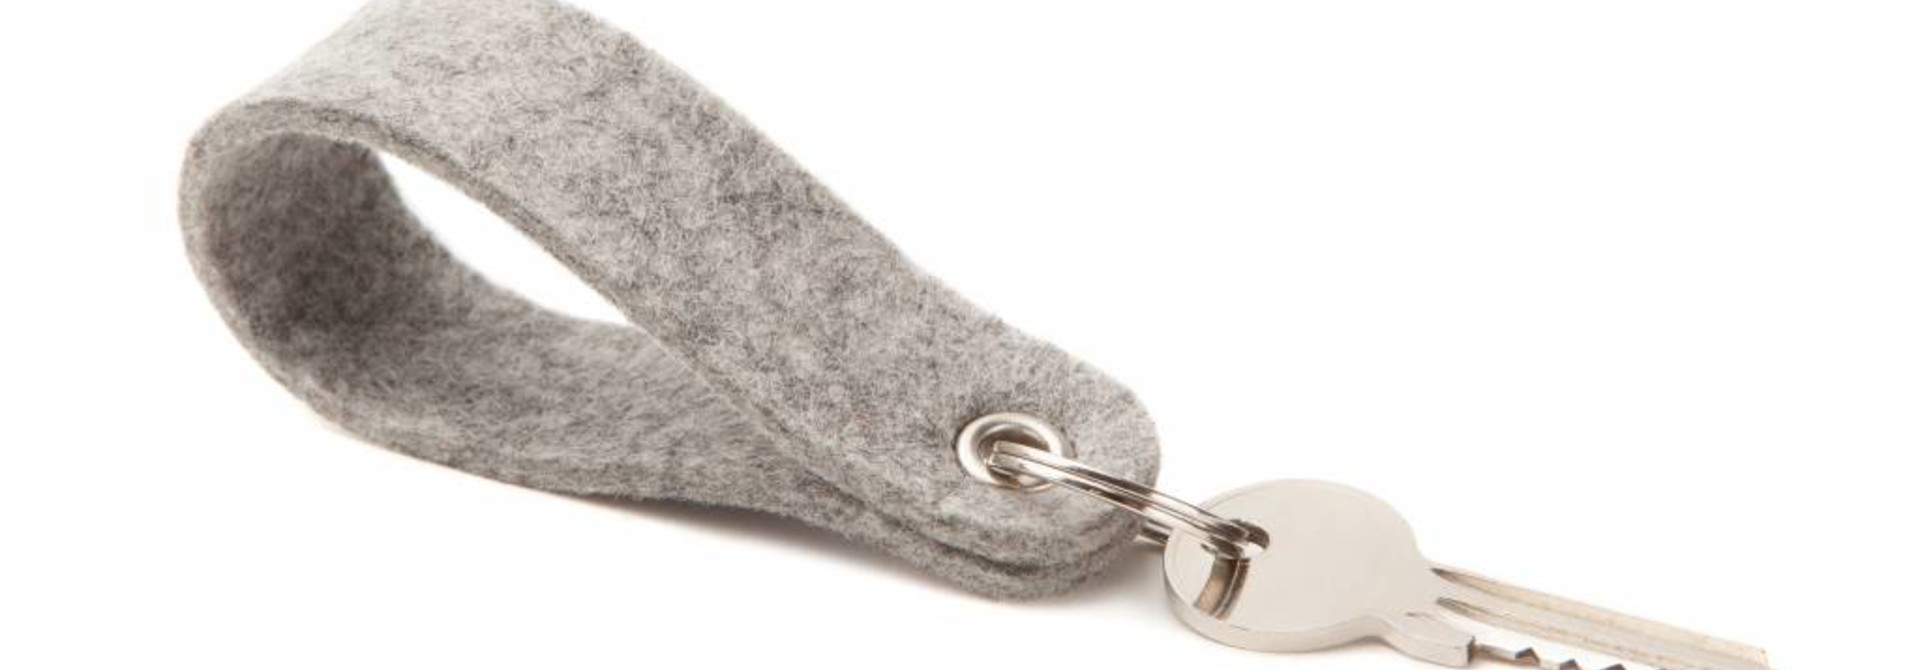 Keychain Light-Grey round